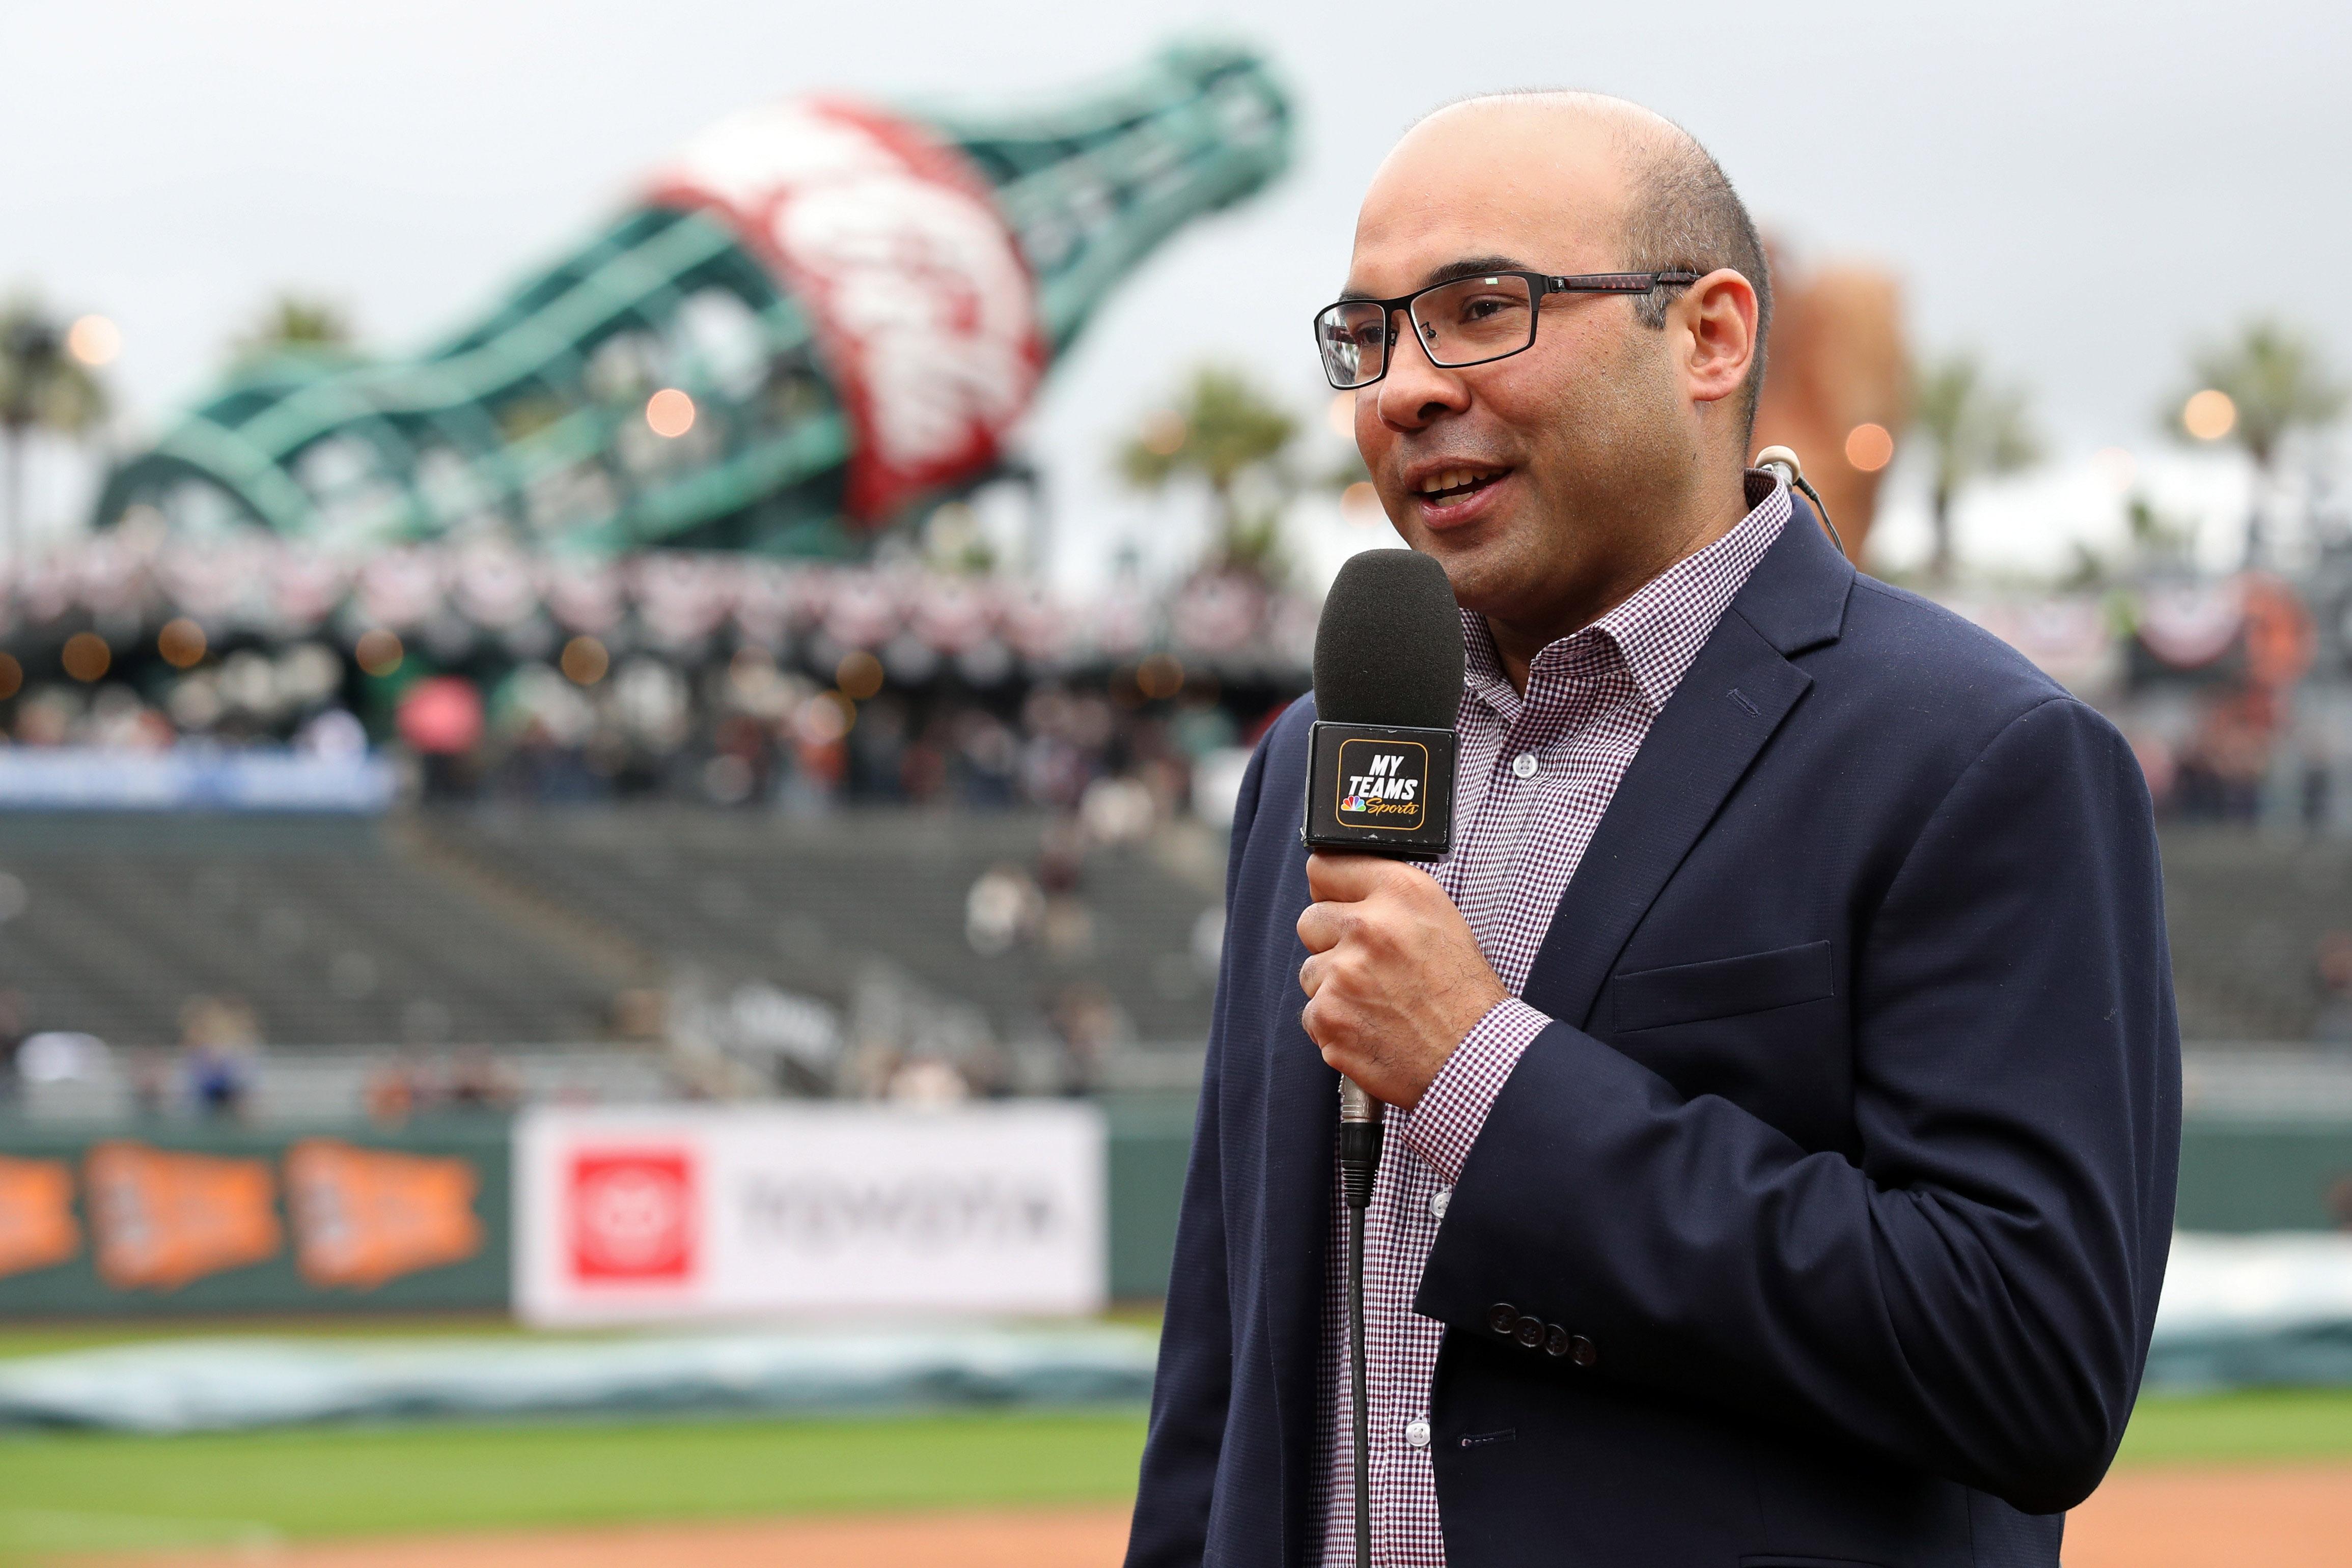 MLB: Tampa Bay Rays at San Francisco Giants